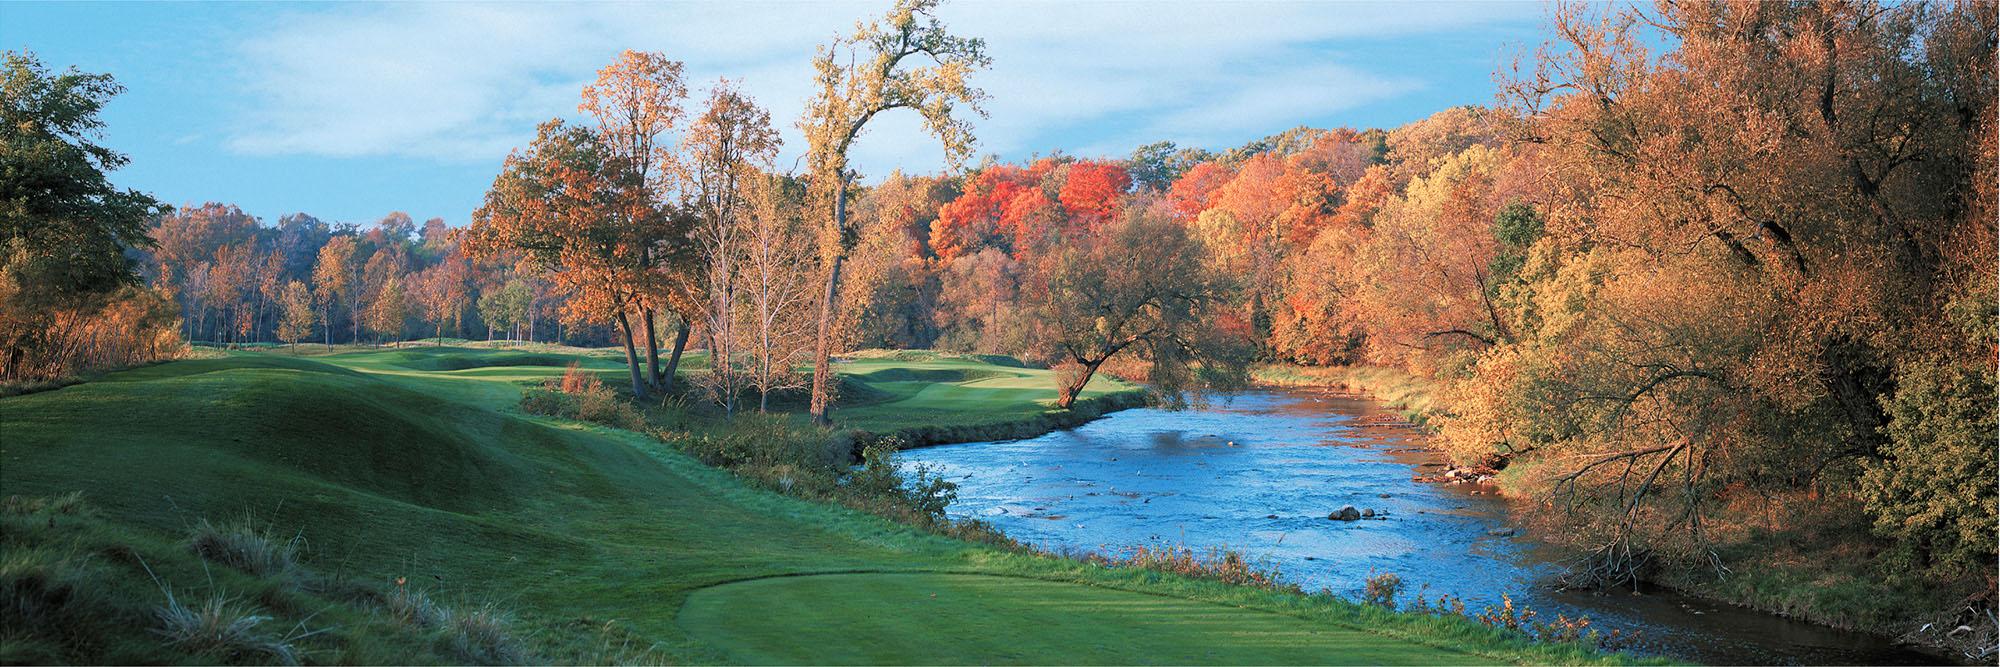 Golf Course Image - Blackwolf Run River Course No. 9